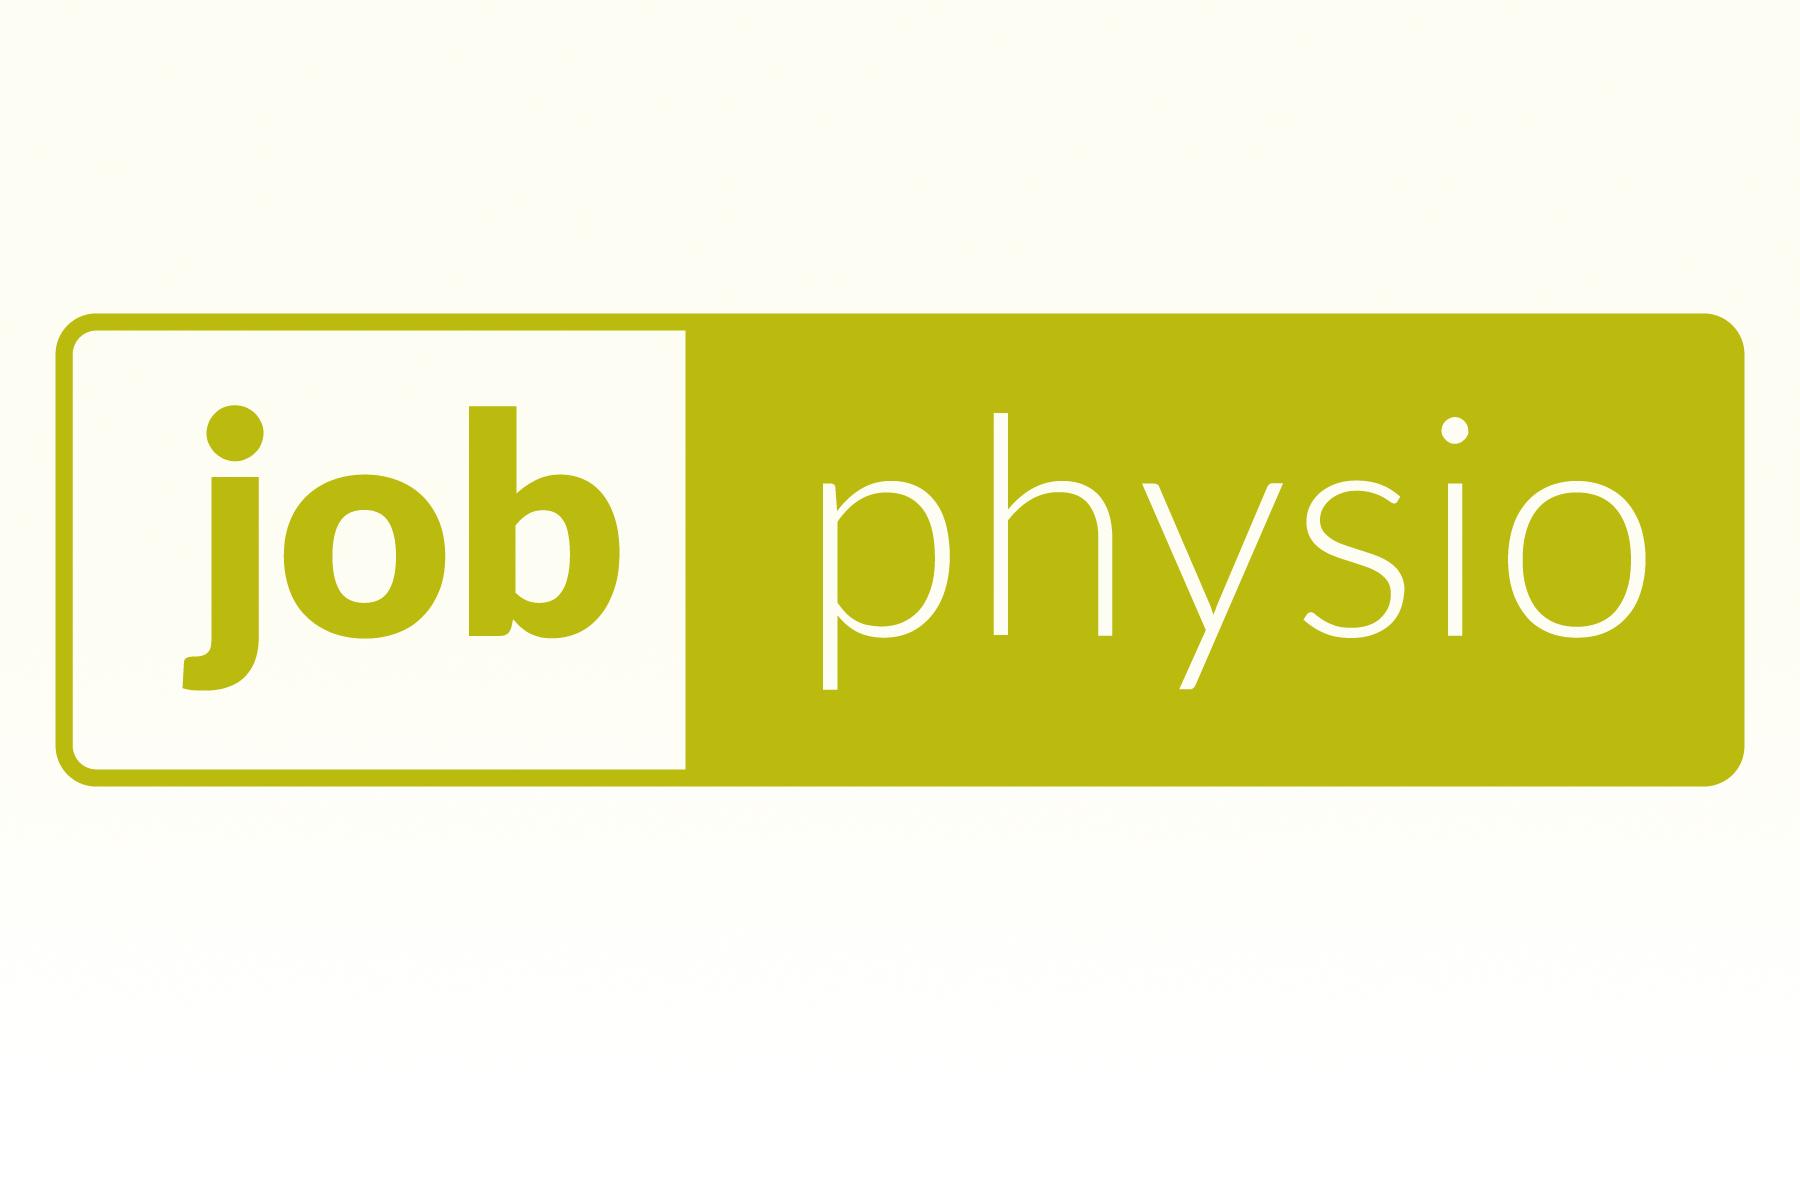 Der Stellenmarkt für Physiotherapie | Job-Physio.de